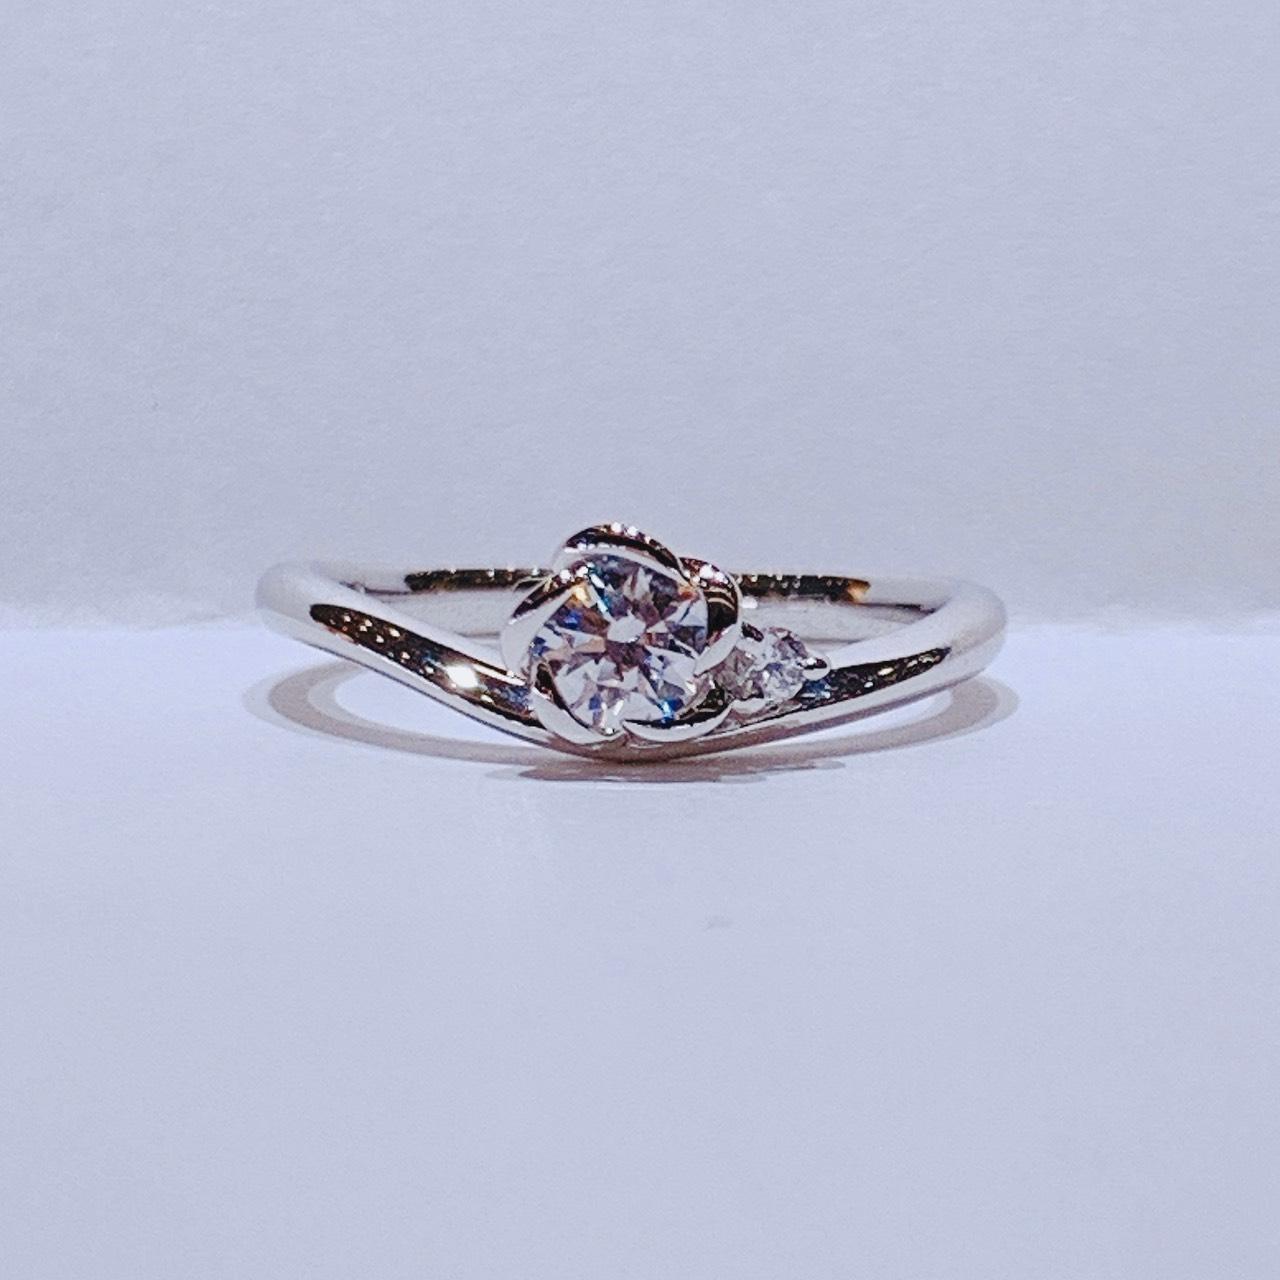 BROOCH 婚約指輪 エンゲージリング V字フラワーデザイン